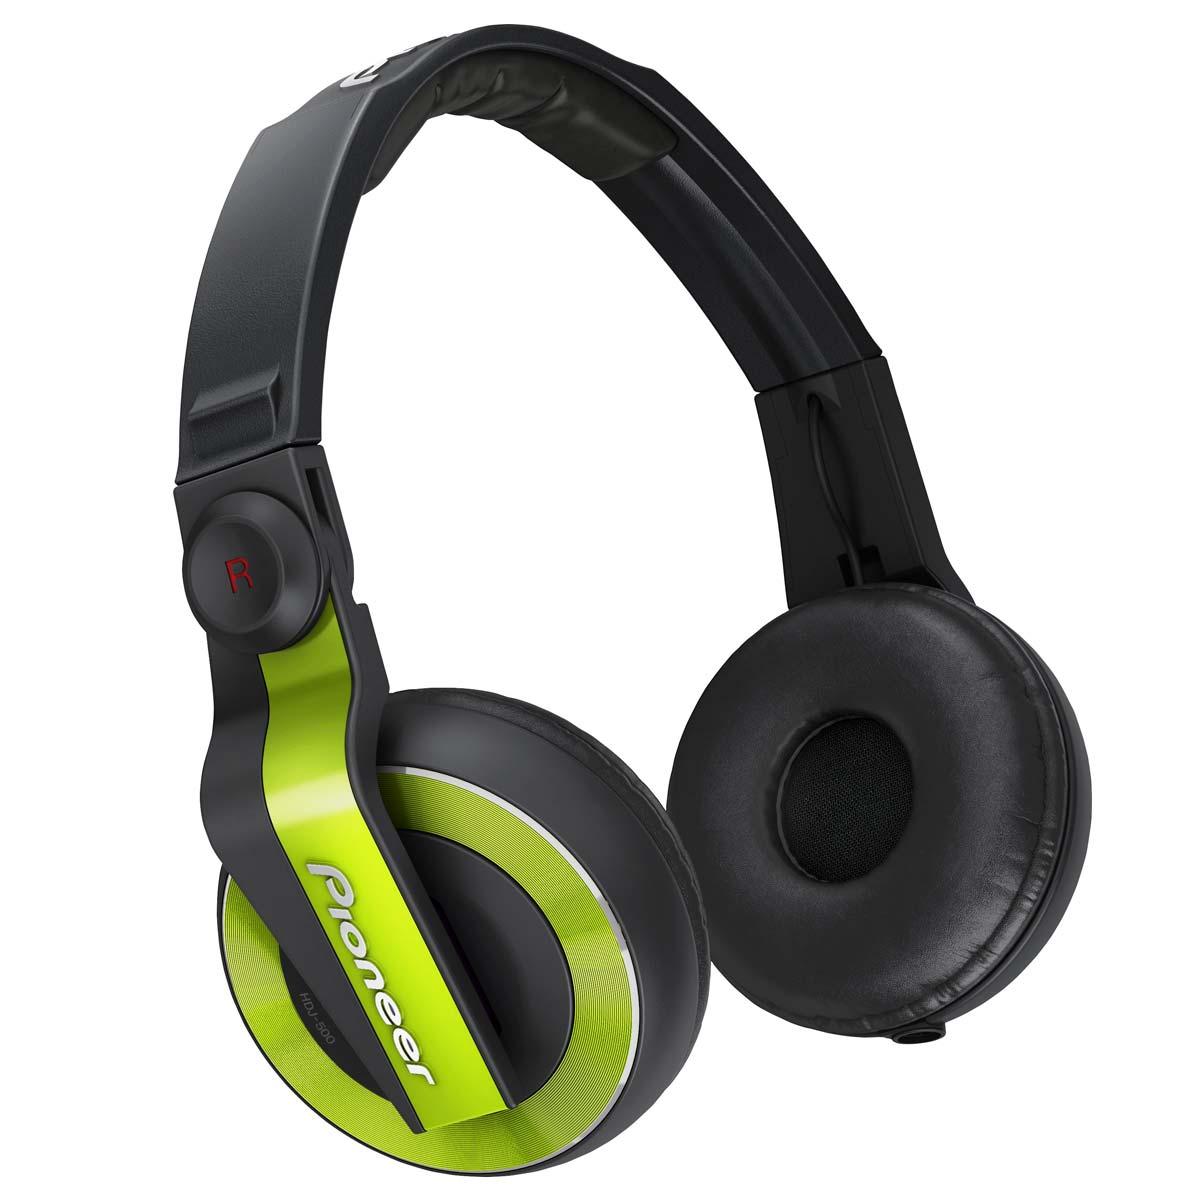 HDJ500 - Fone de Ouvido Over-ear Verde HDJ 500 - Pioneer